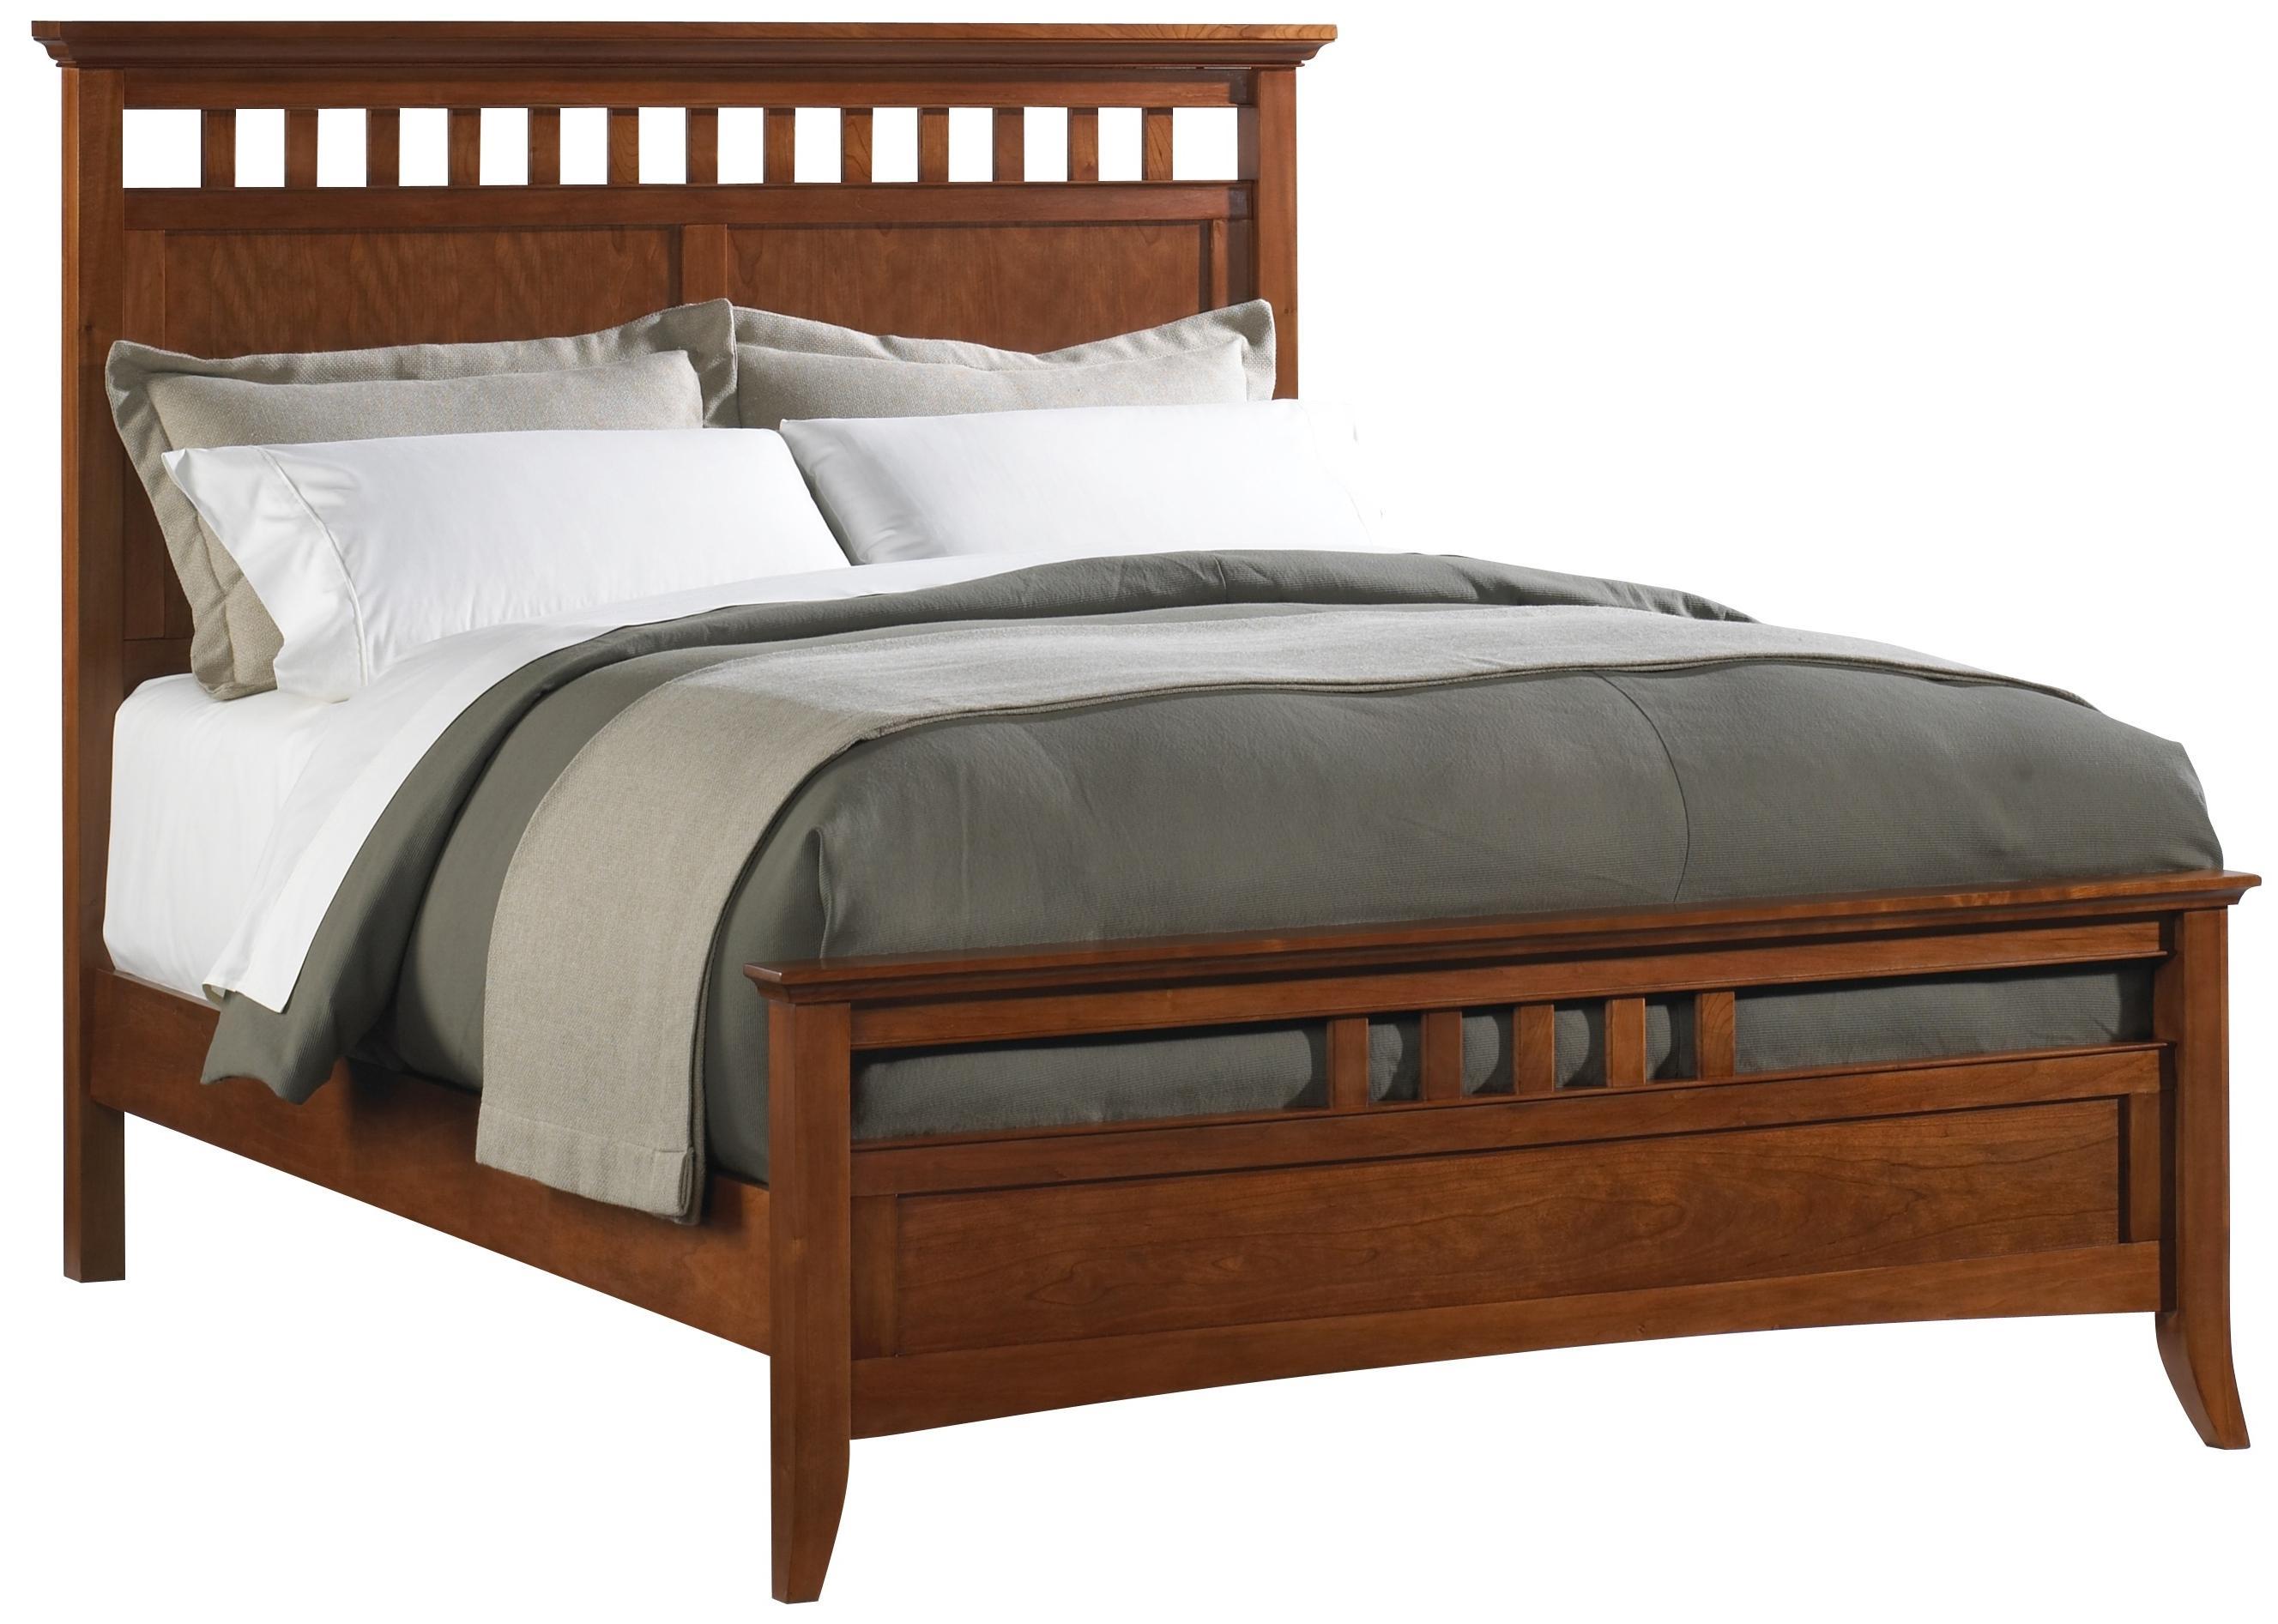 sale retailer dd728 bed04 King Size Slat Bed | zorginnovisie